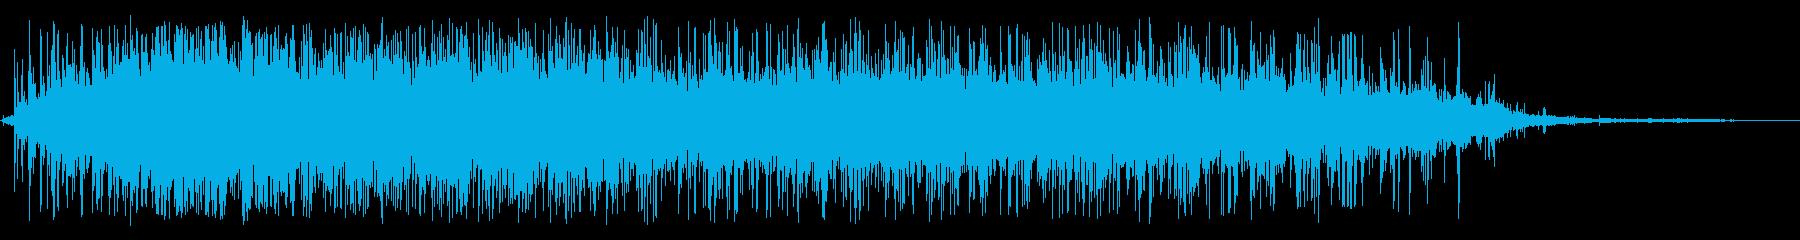 中程度の聴衆:短い拍手、観客の拍手と拍手の再生済みの波形